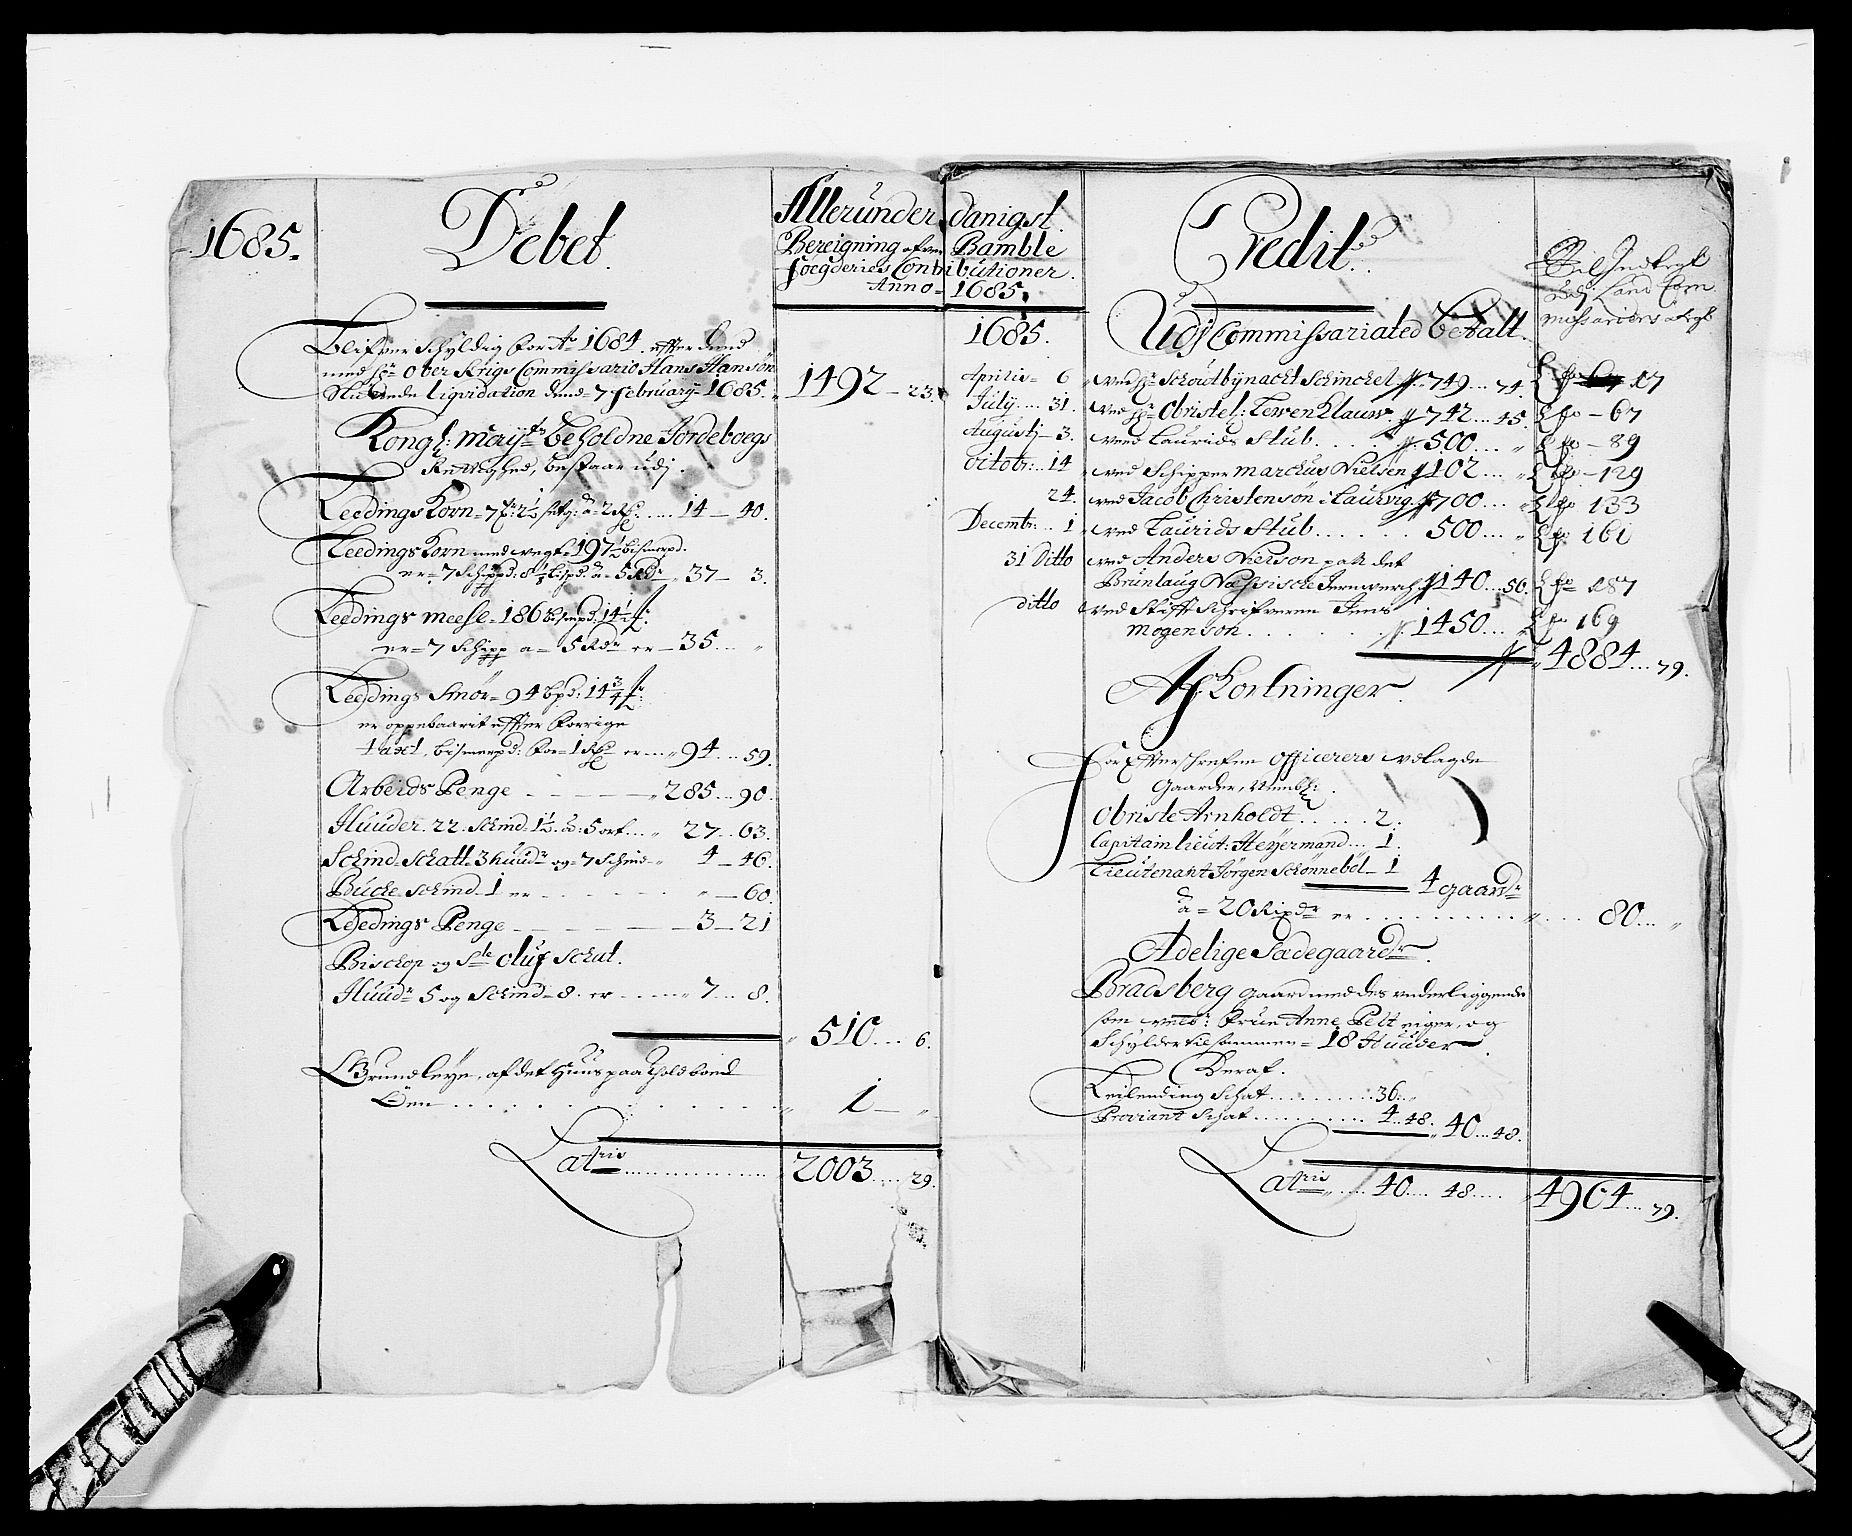 RA, Rentekammeret inntil 1814, Reviderte regnskaper, Fogderegnskap, R34/L2048: Fogderegnskap Bamble, 1685-1687, s. 2